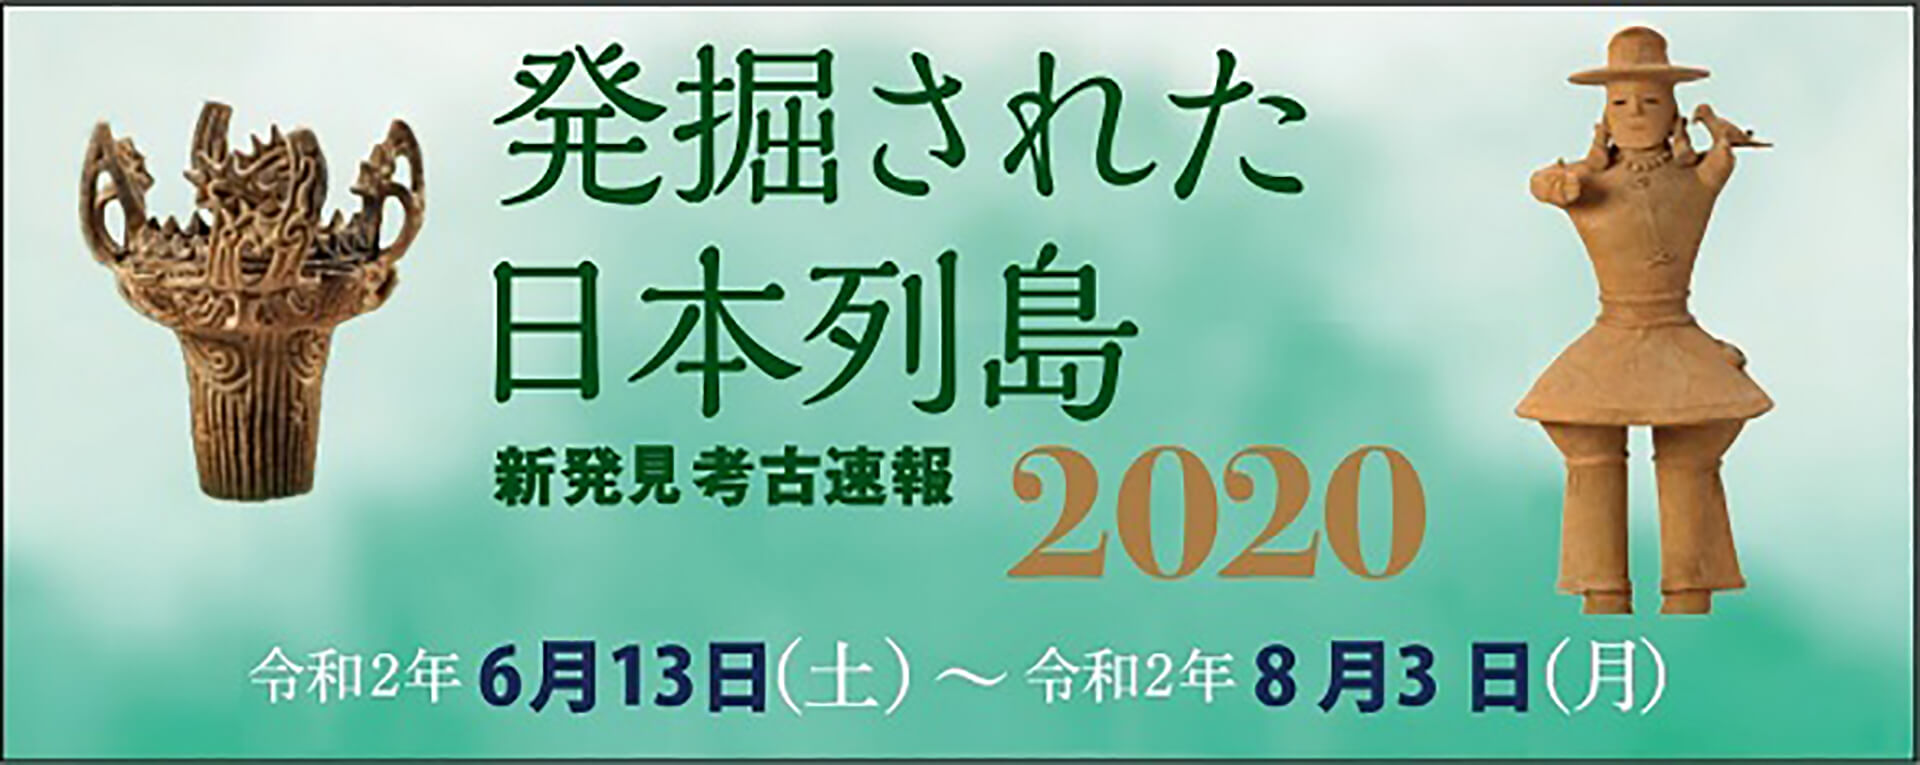 発掘された日本列島2020